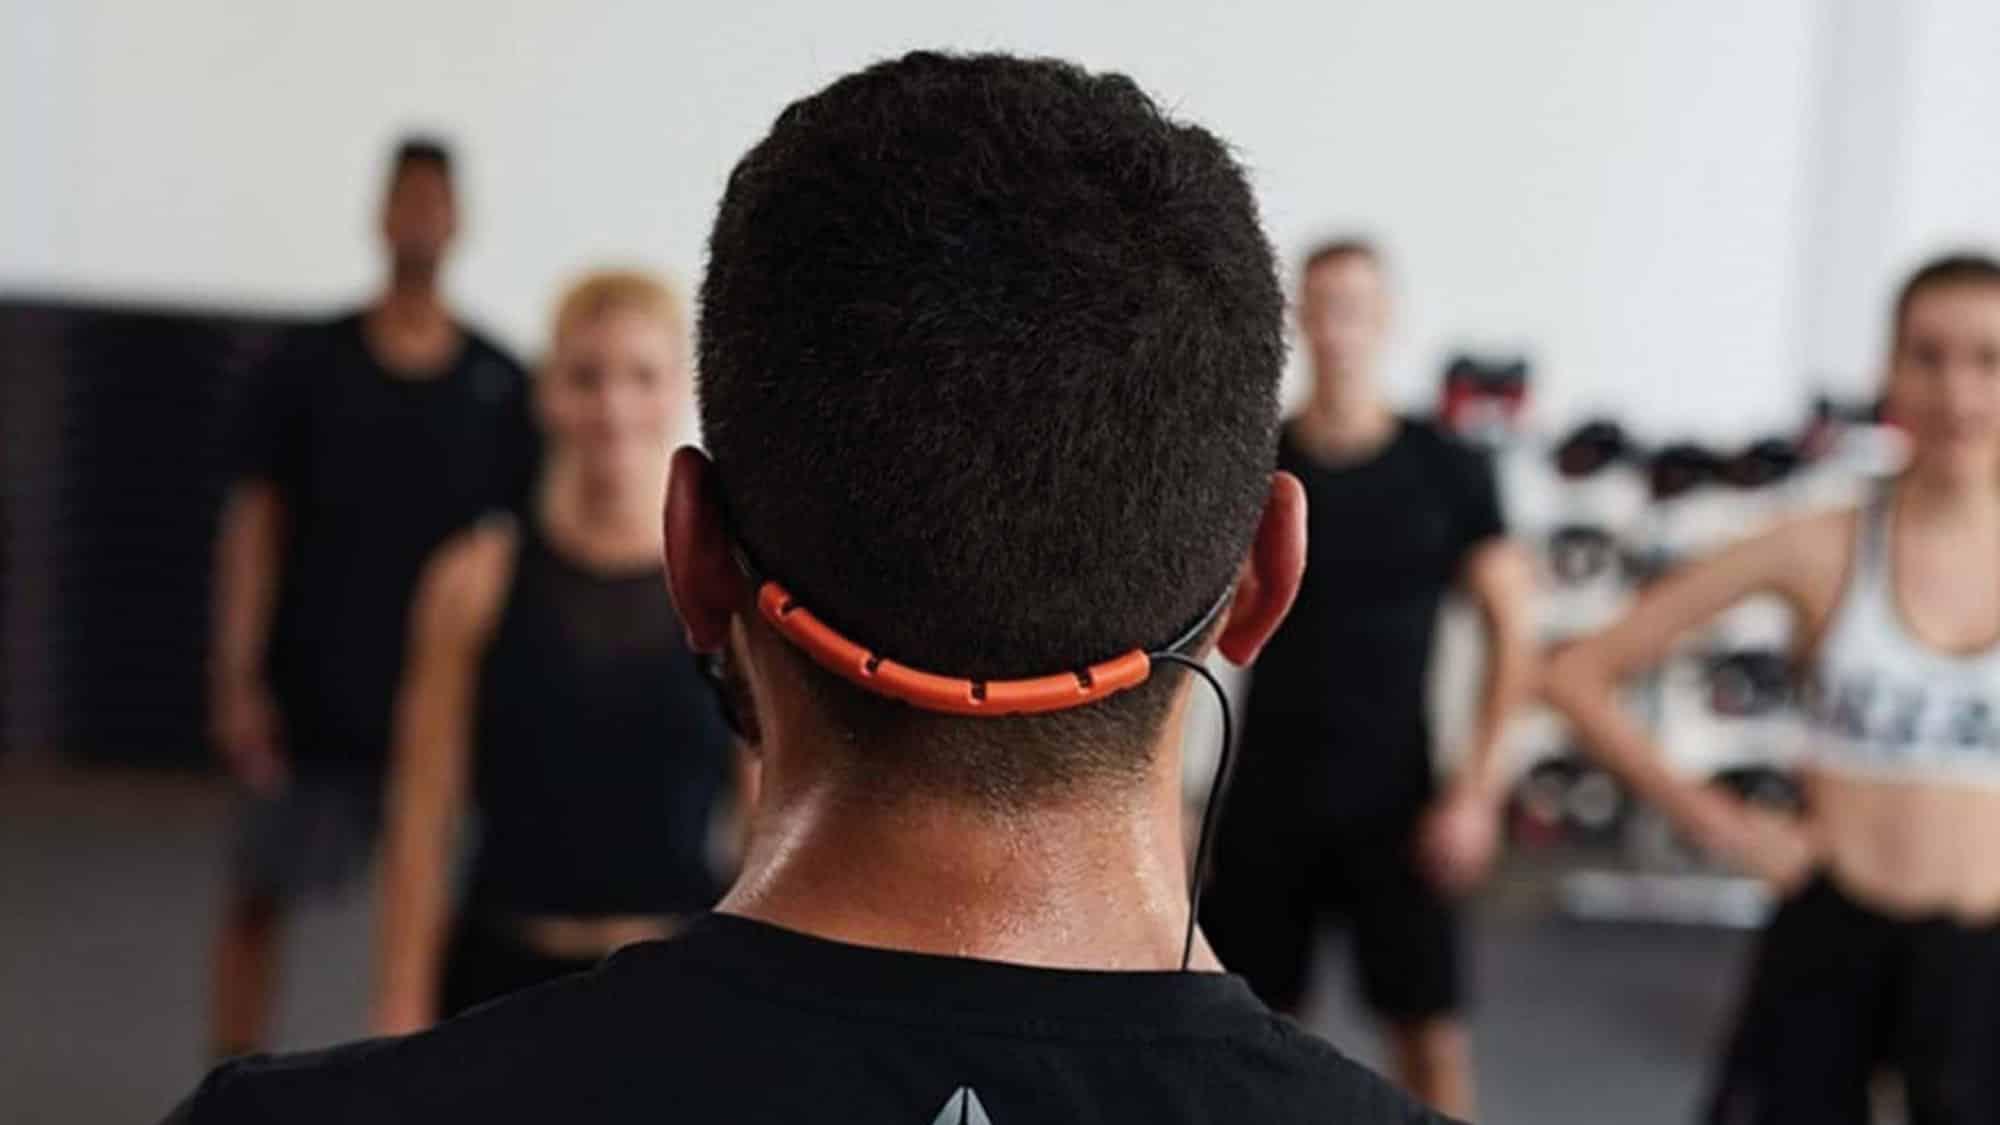 Coach fitness, comment maintenir l'énergie en cours malgré la distanciation sociale ?